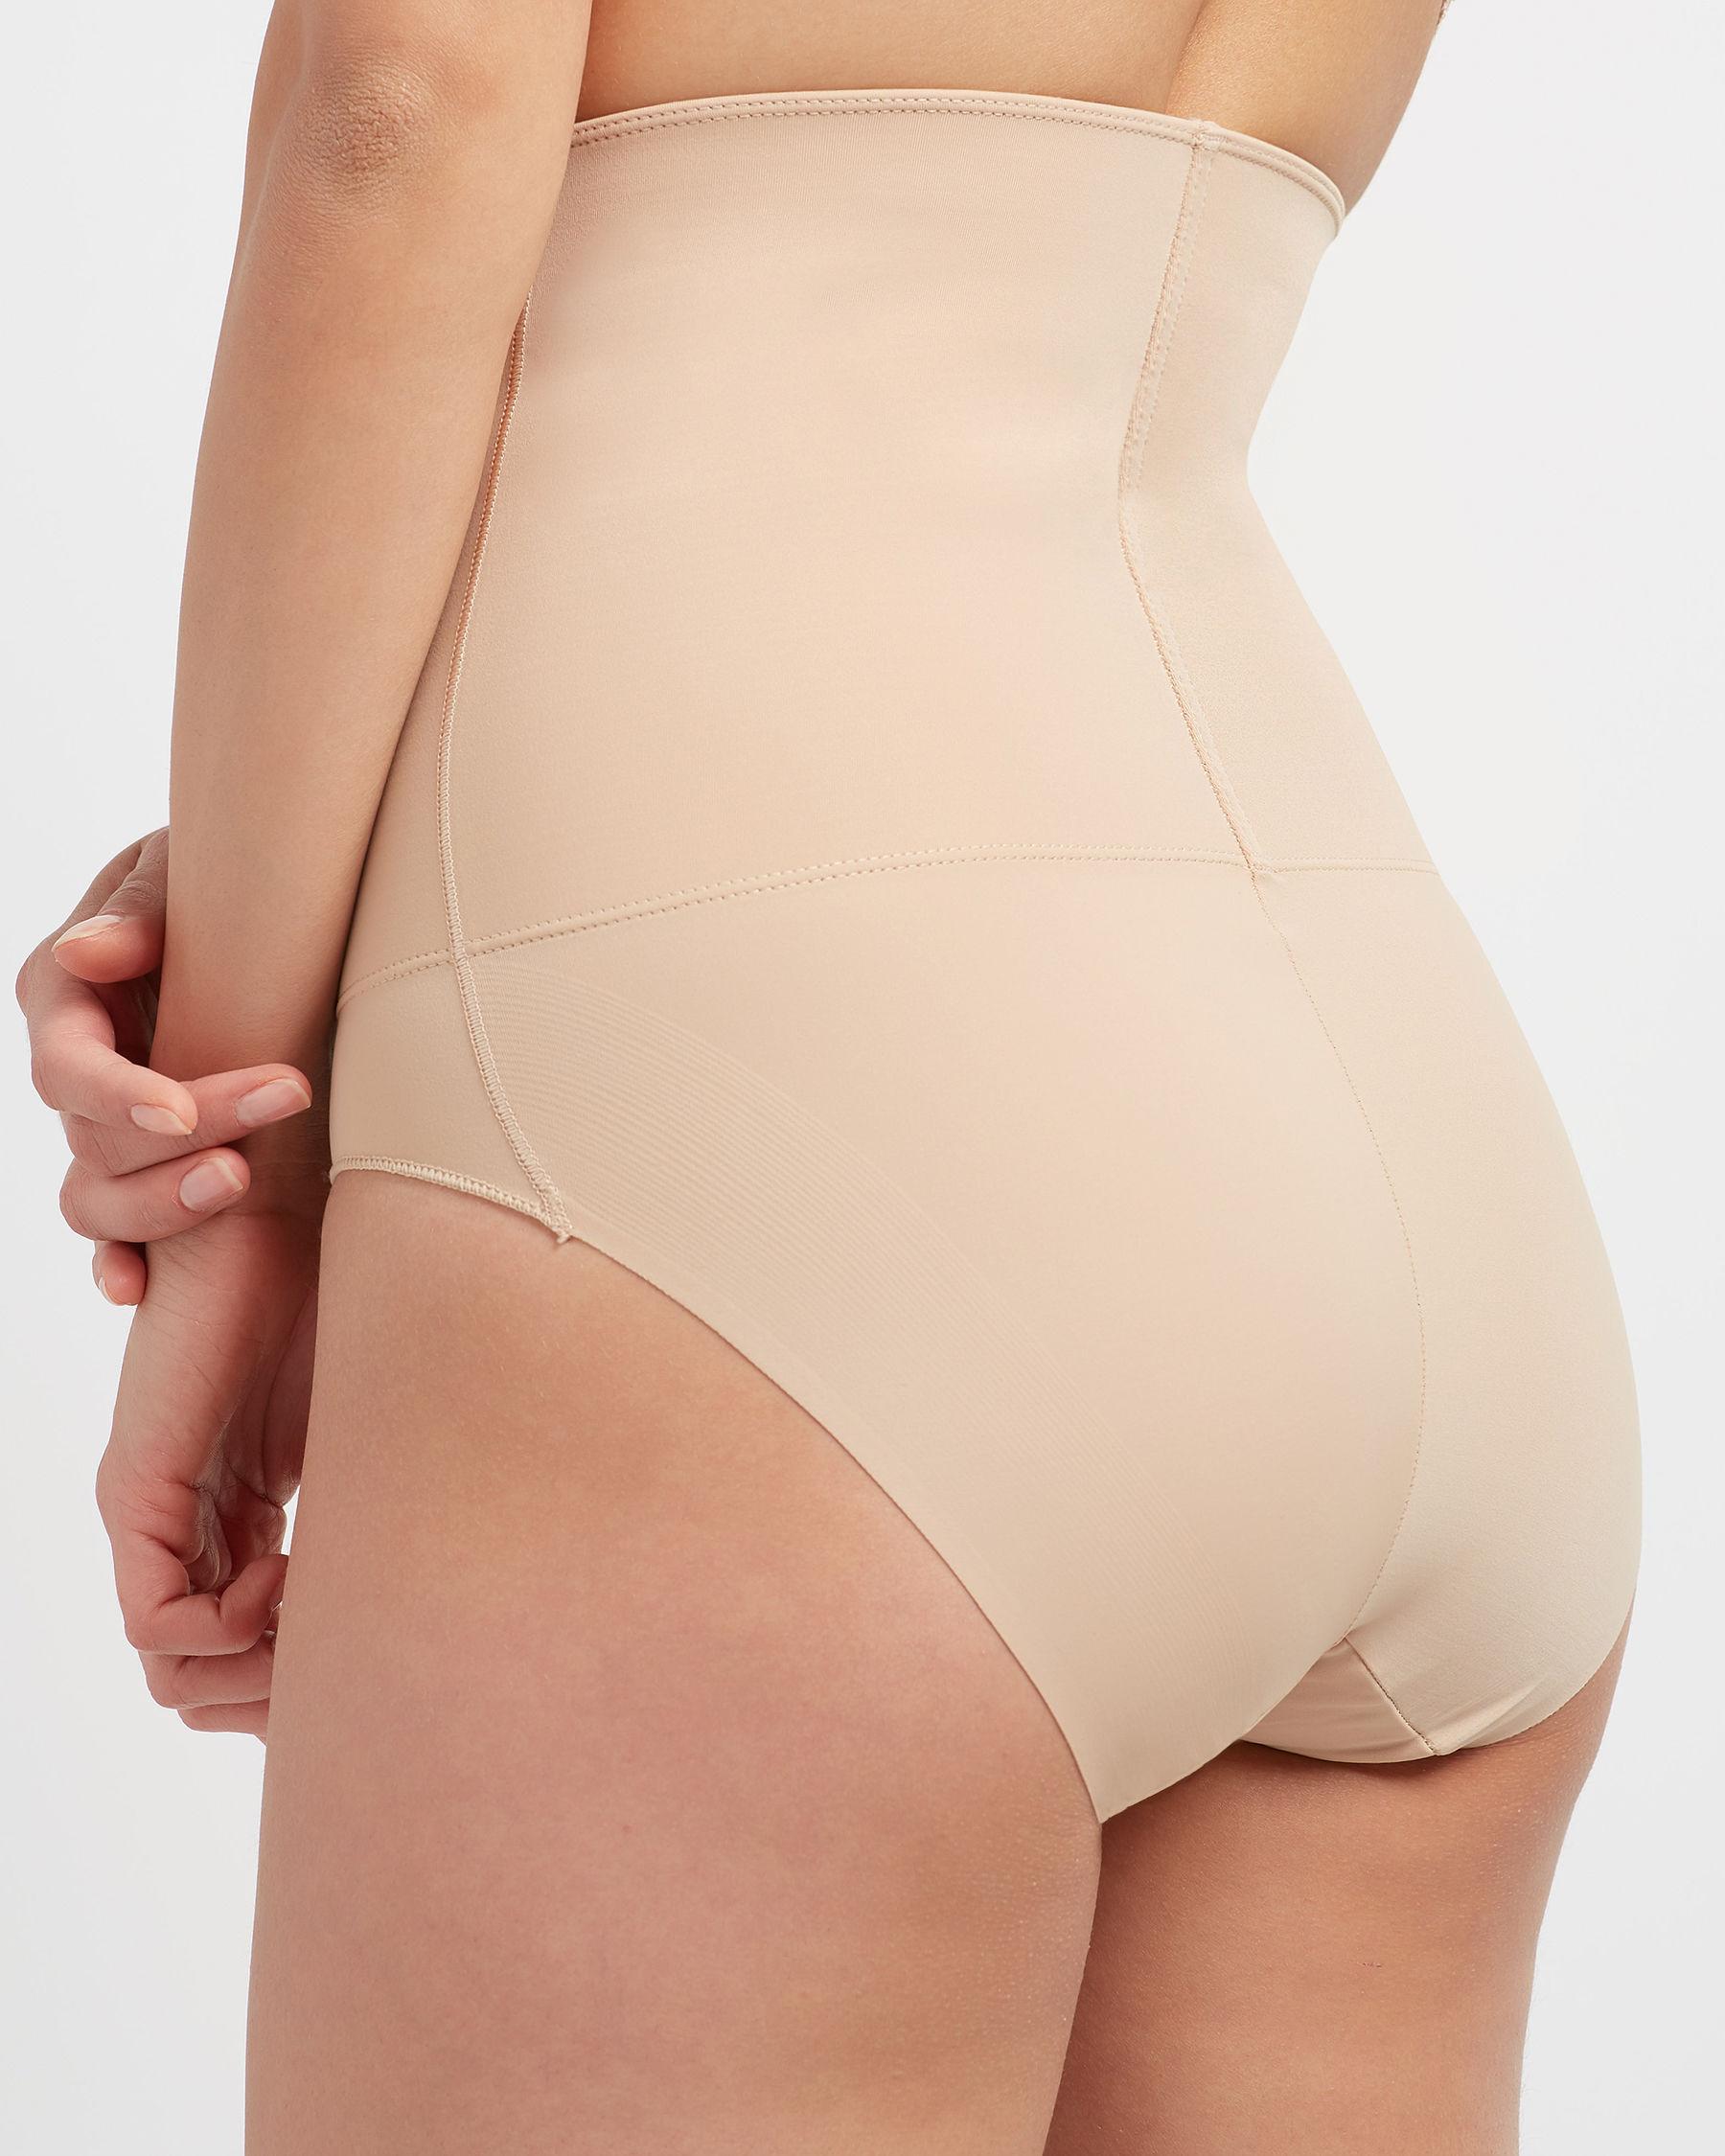 LA VIE EN ROSE Bikini Control Neutral 168-122-0-00 - View2